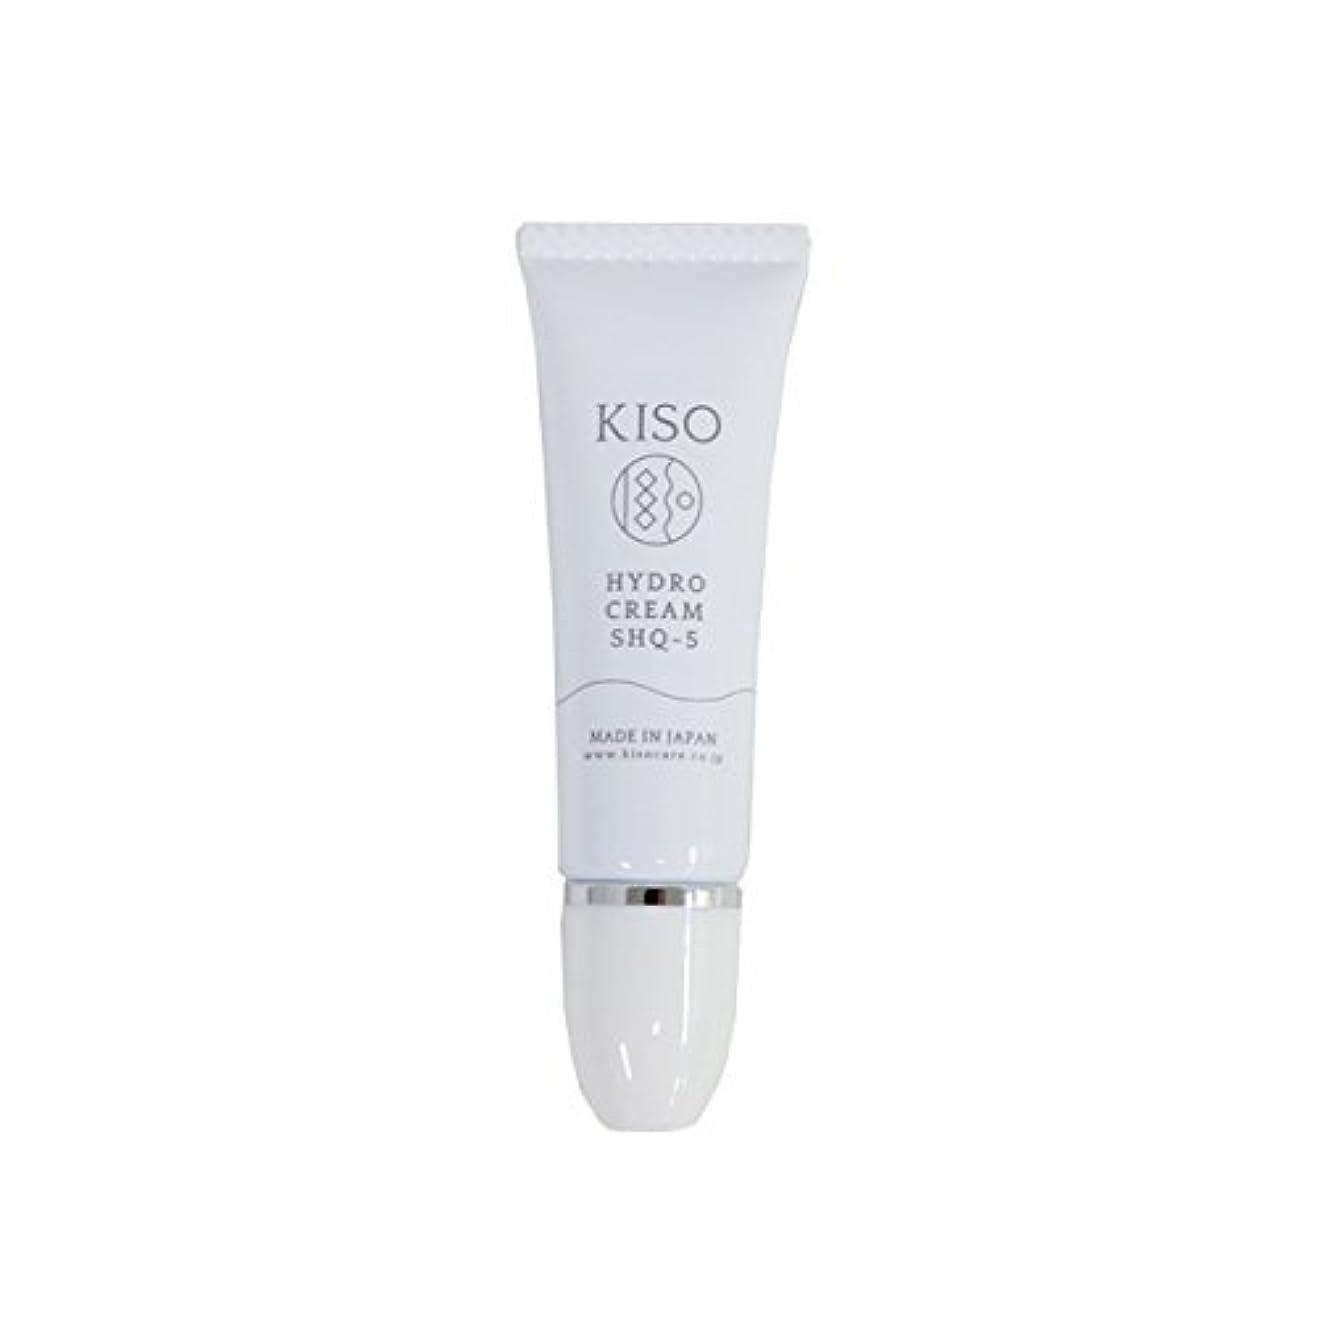 スタウトゴム翻訳者KISO 安定型 ハイドロキノン 5%配合【ハイドロ クリーム SHQ-5 10g】スキンケアで肌を整えた後にちょこっとケア 日本製